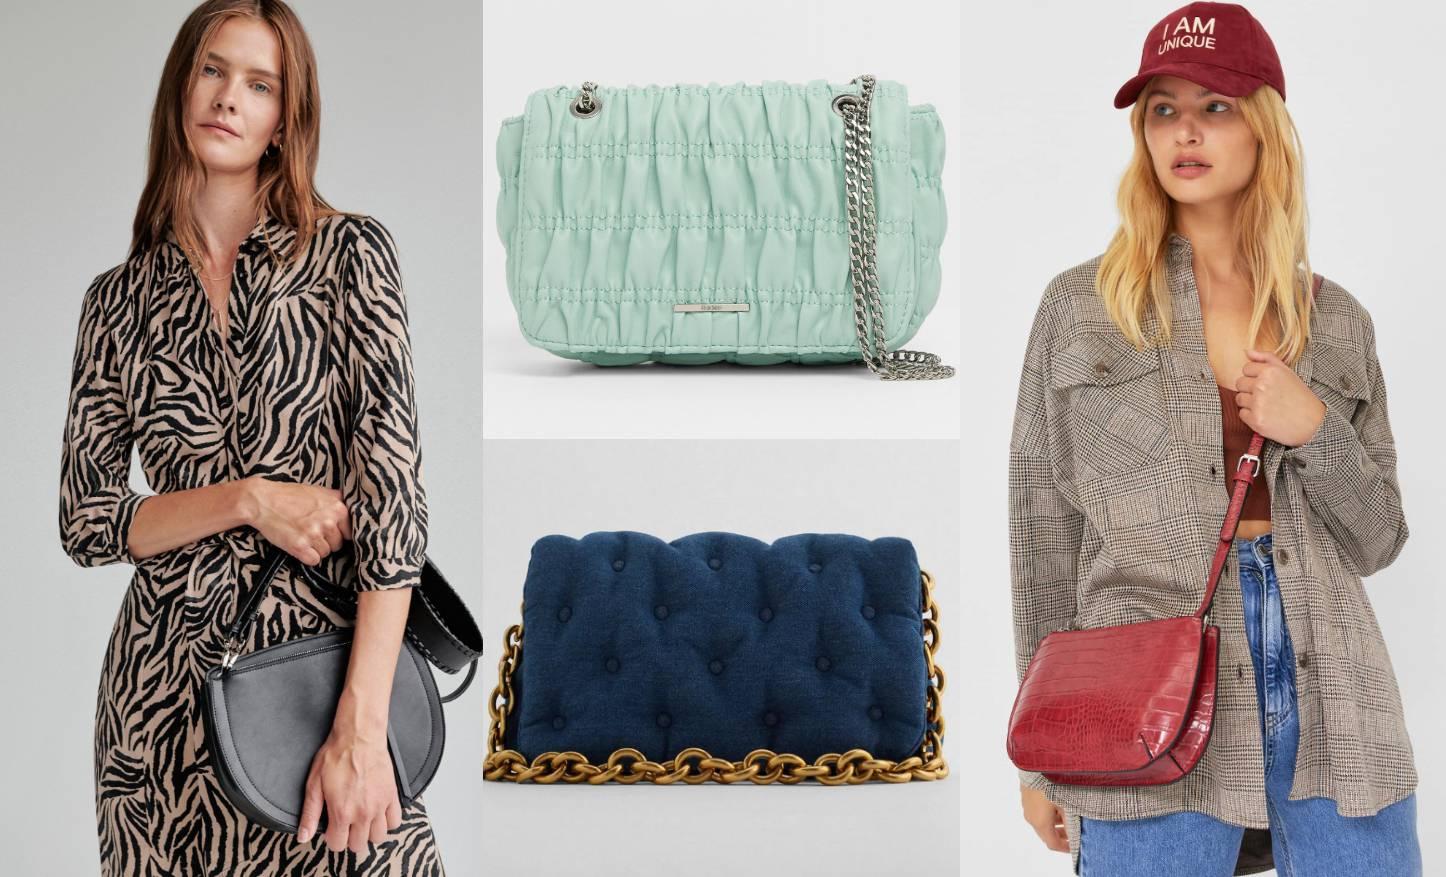 U novu sezonu s novom torbom: 10 chic modela u raznim bojama